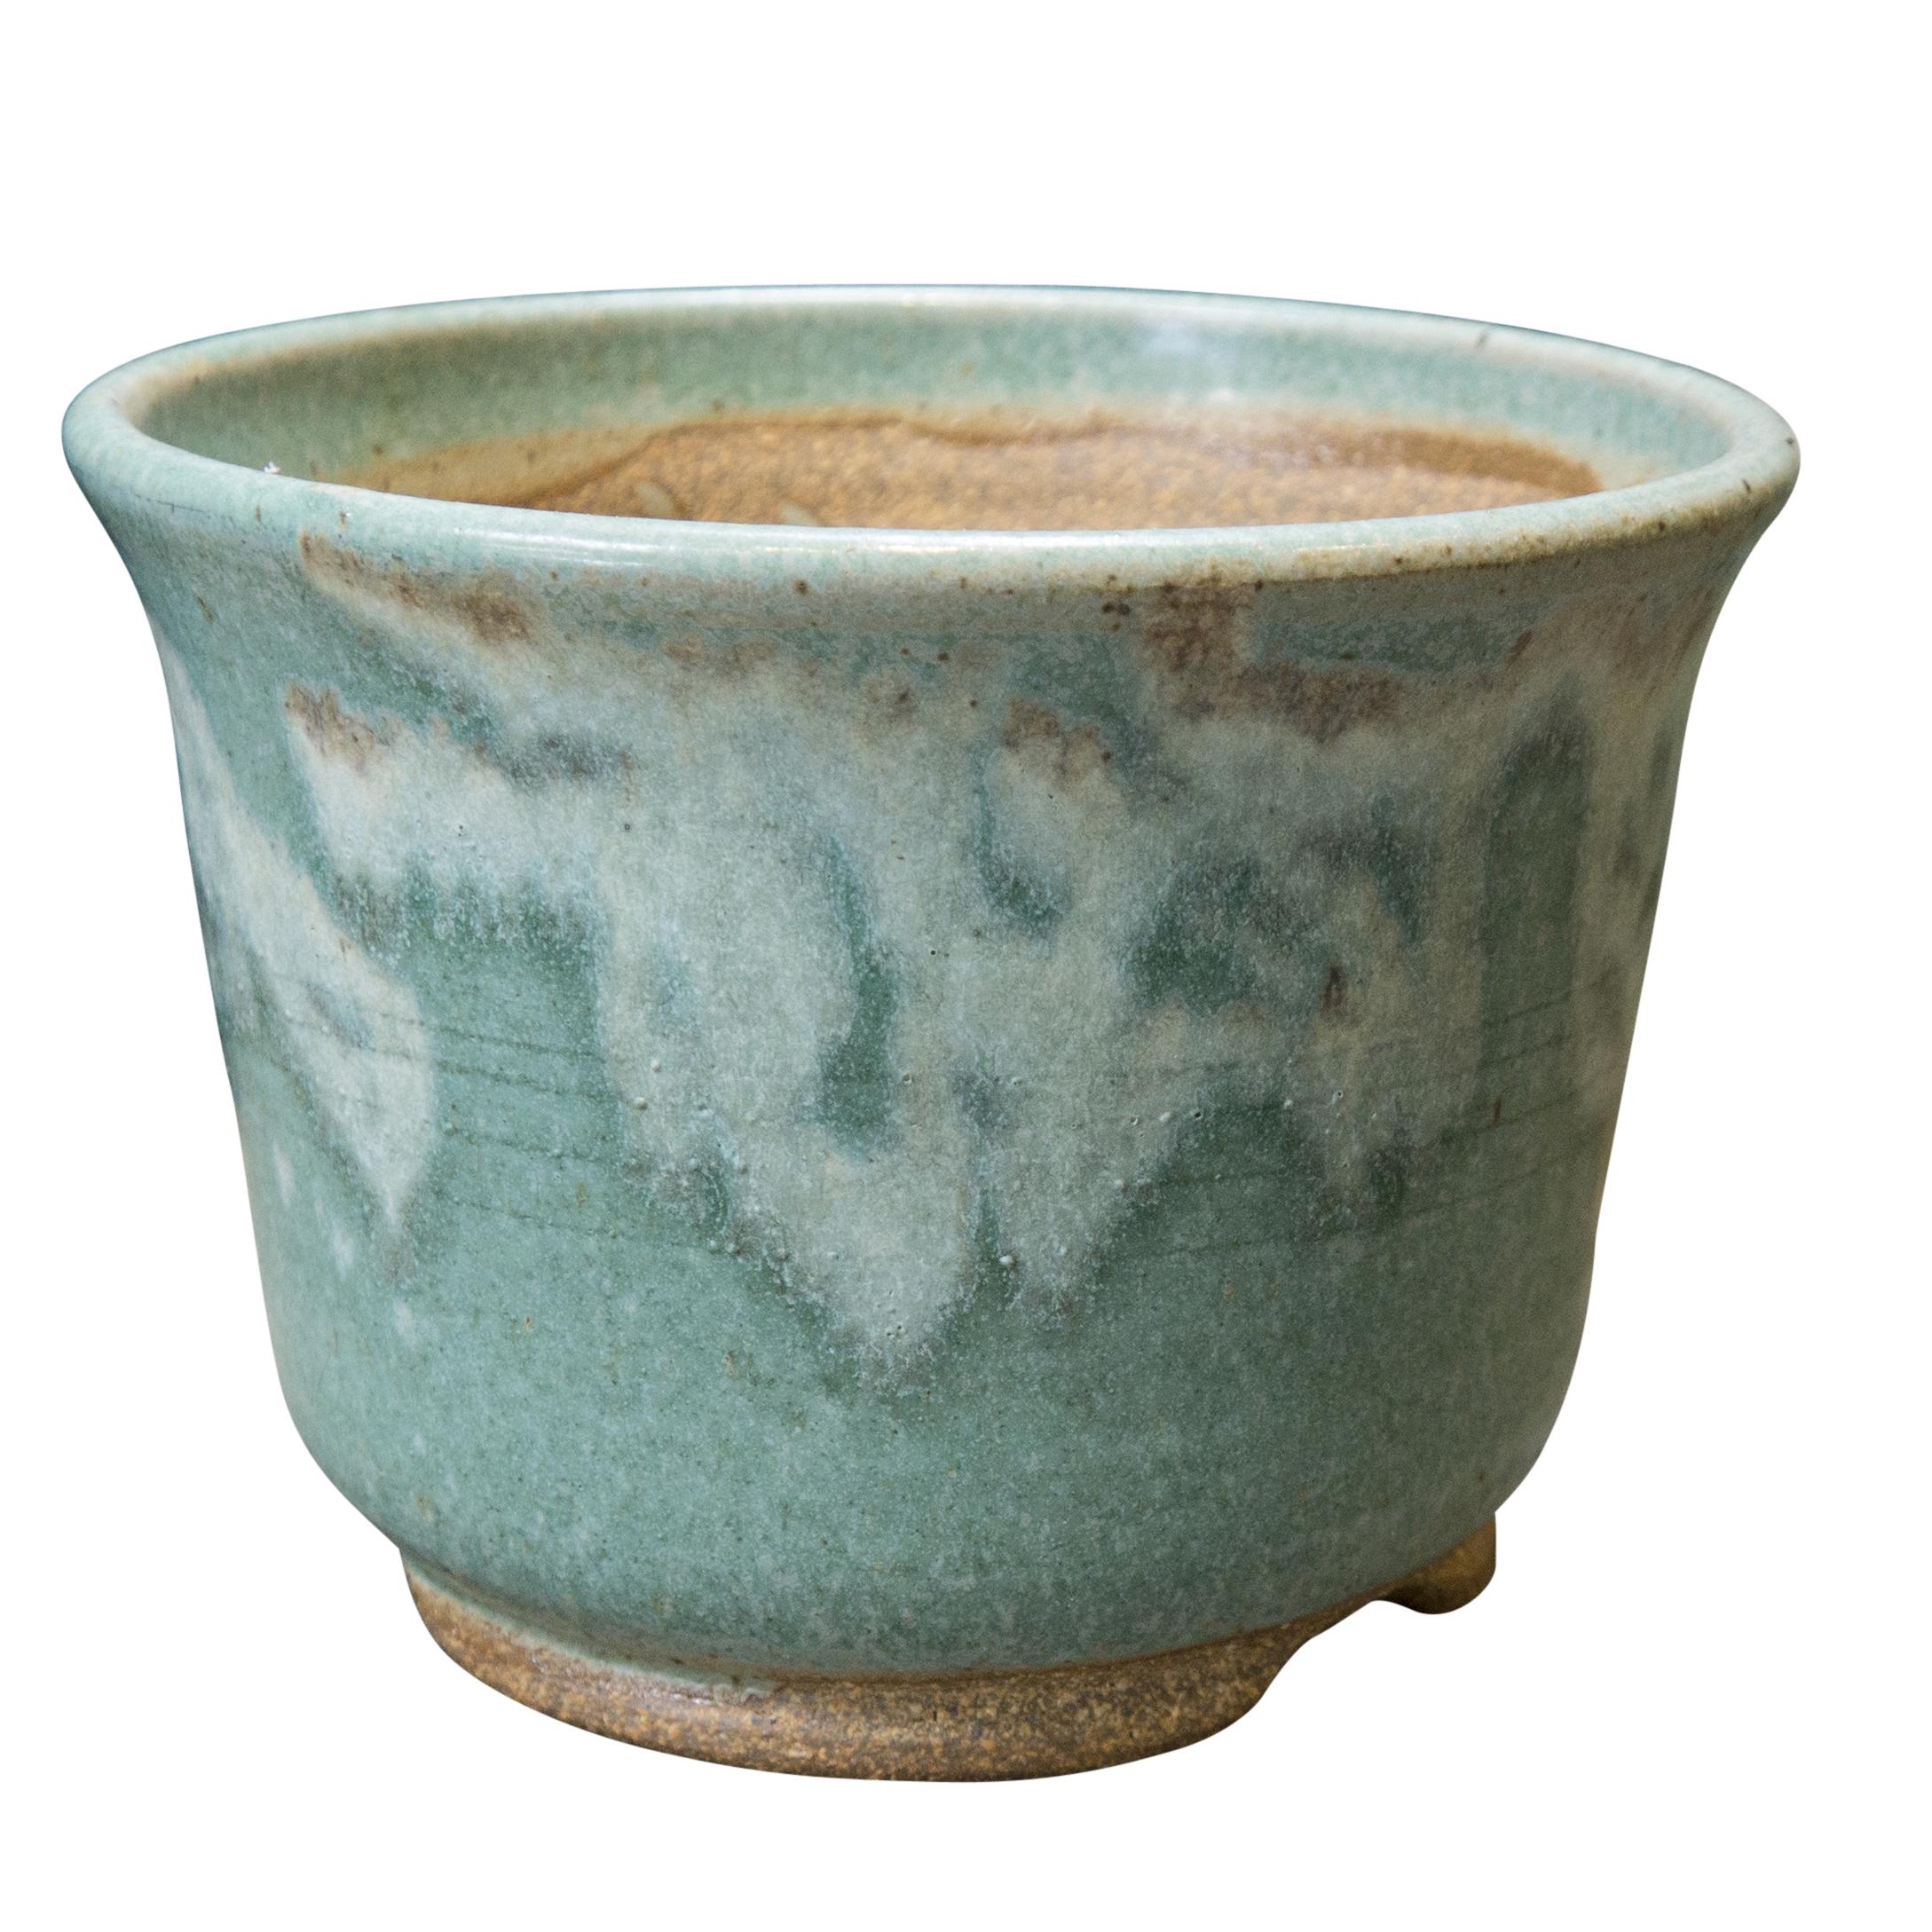 Handmade Green And White Glazed Ceramic Planter Inner